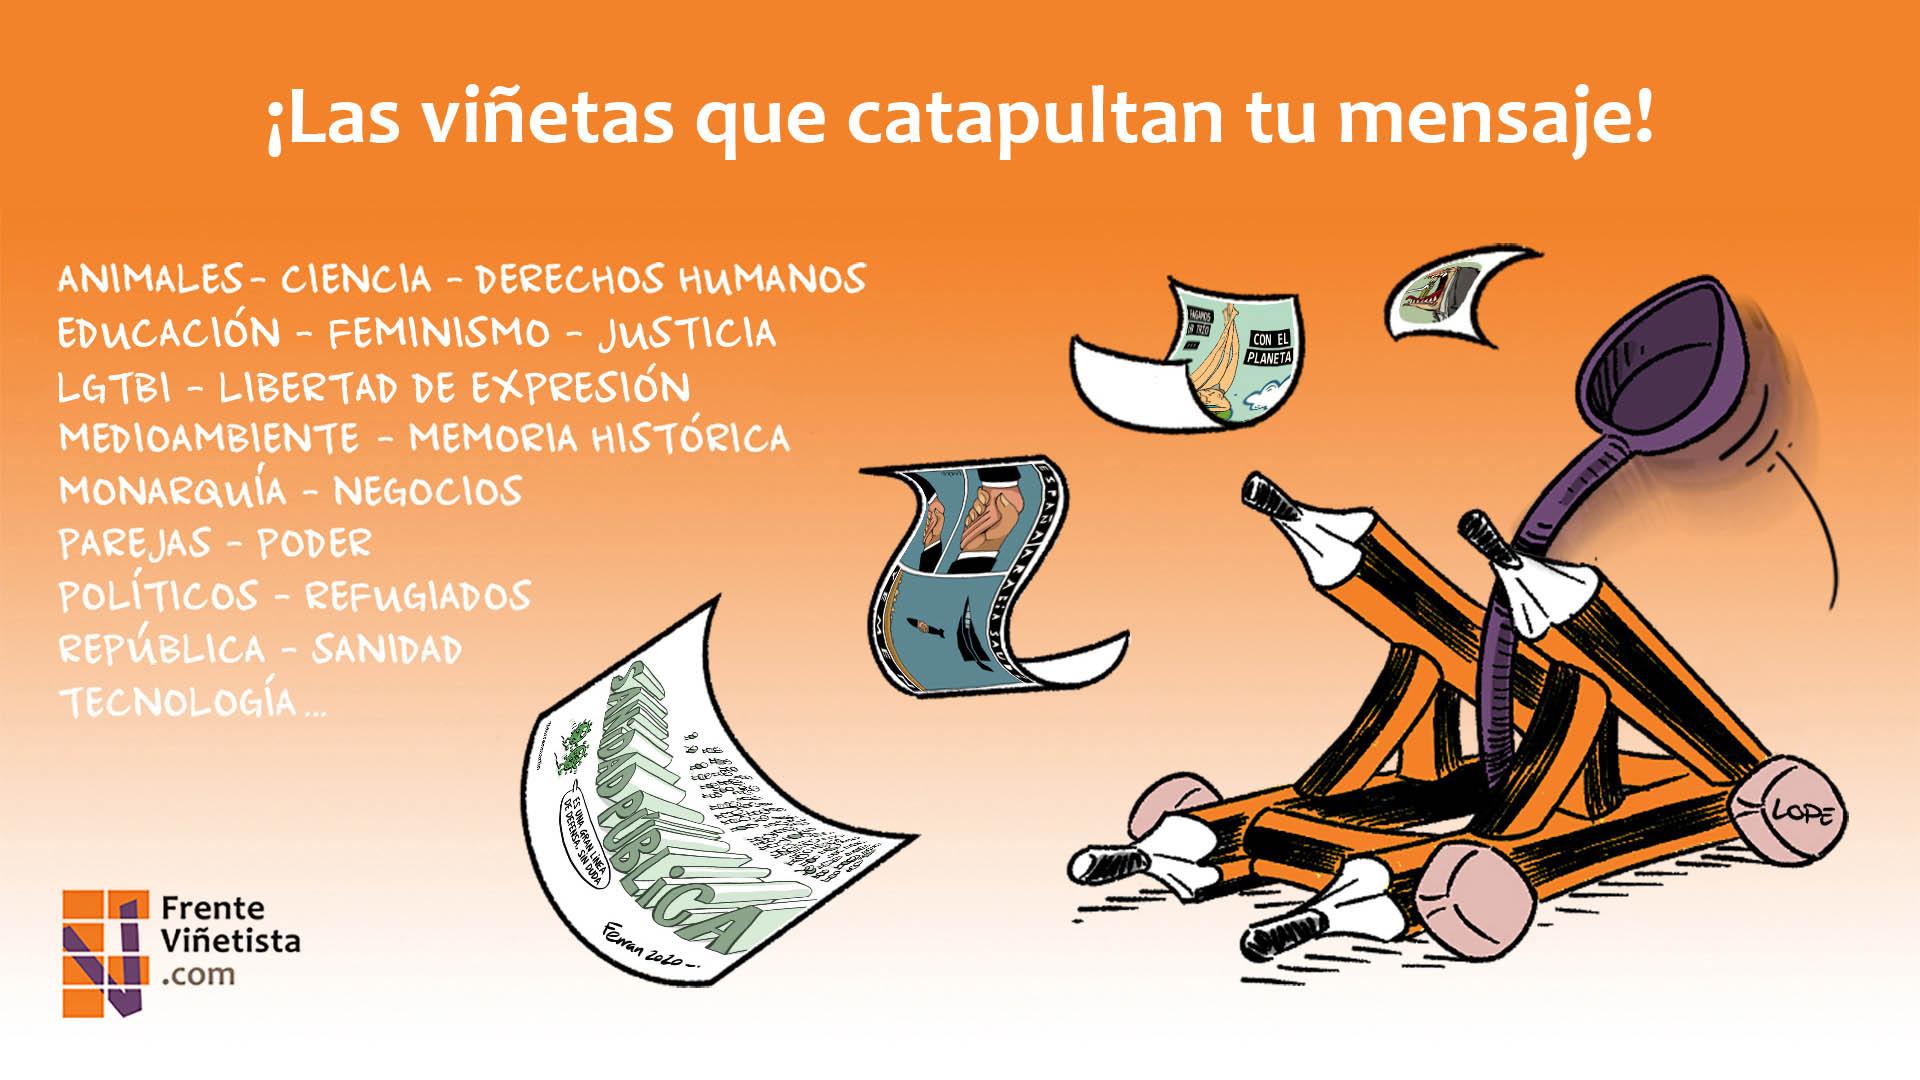 Tienda de viñetas del Frente Viñetista